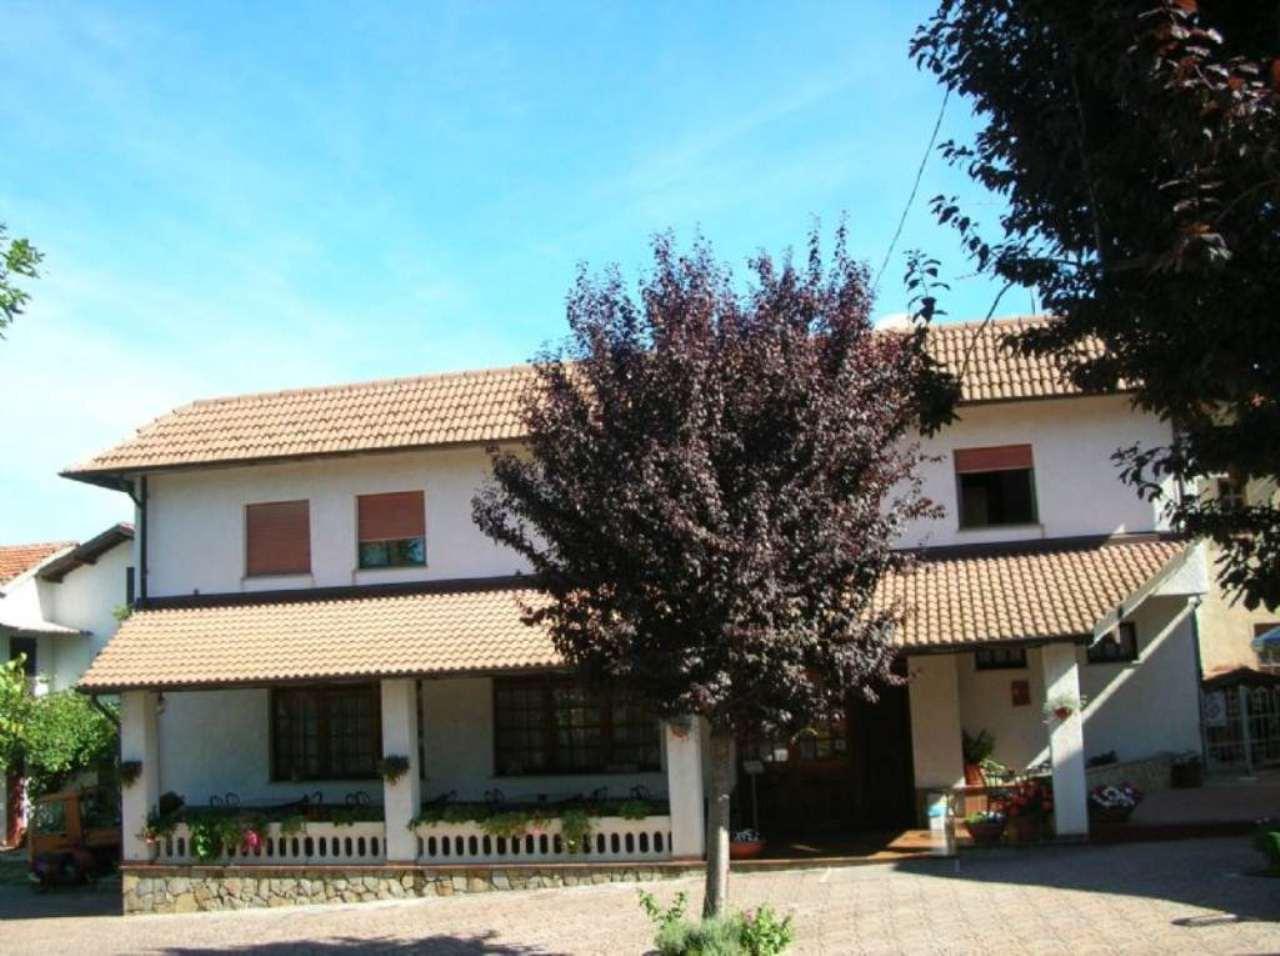 Immobile Commerciale in vendita a Cantalupo Ligure, 6 locali, prezzo € 330.000 | Cambio Casa.it